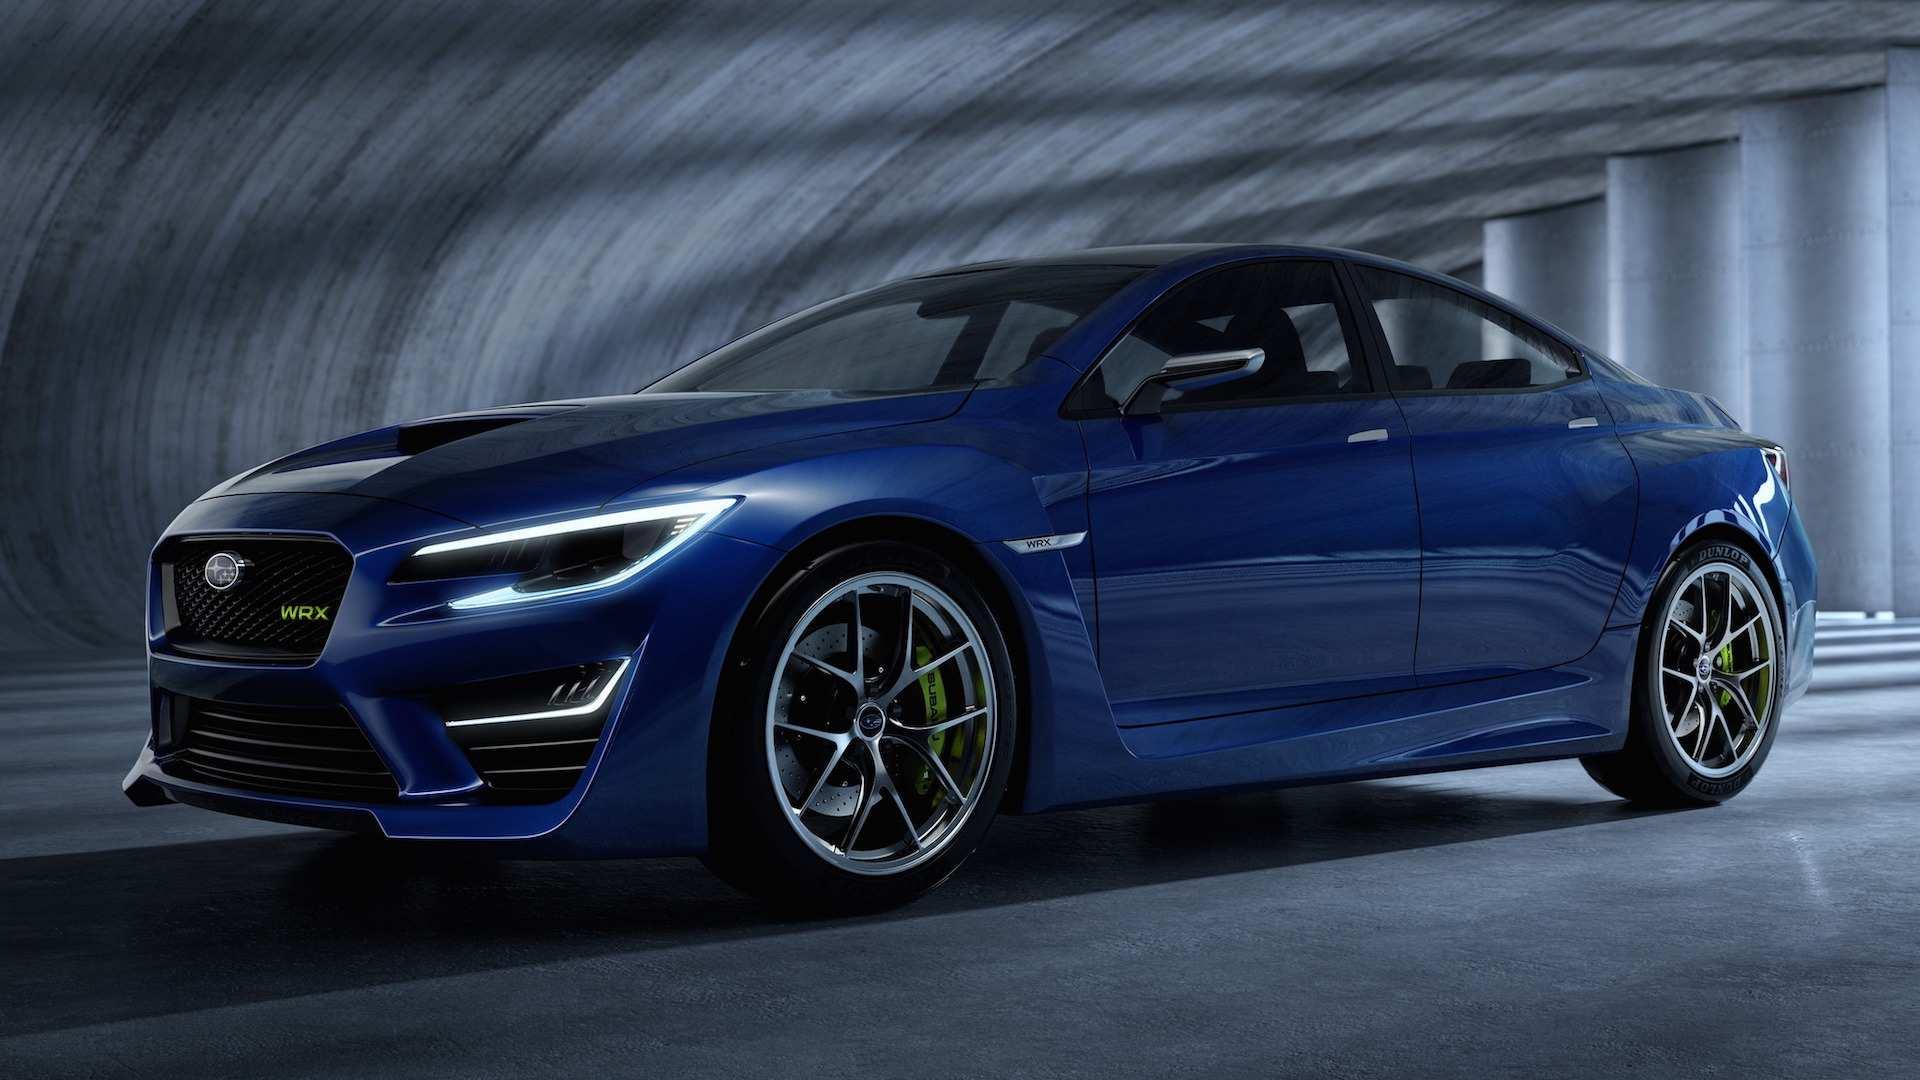 51 Great Subaru New Wrx 2020 Release by Subaru New Wrx 2020